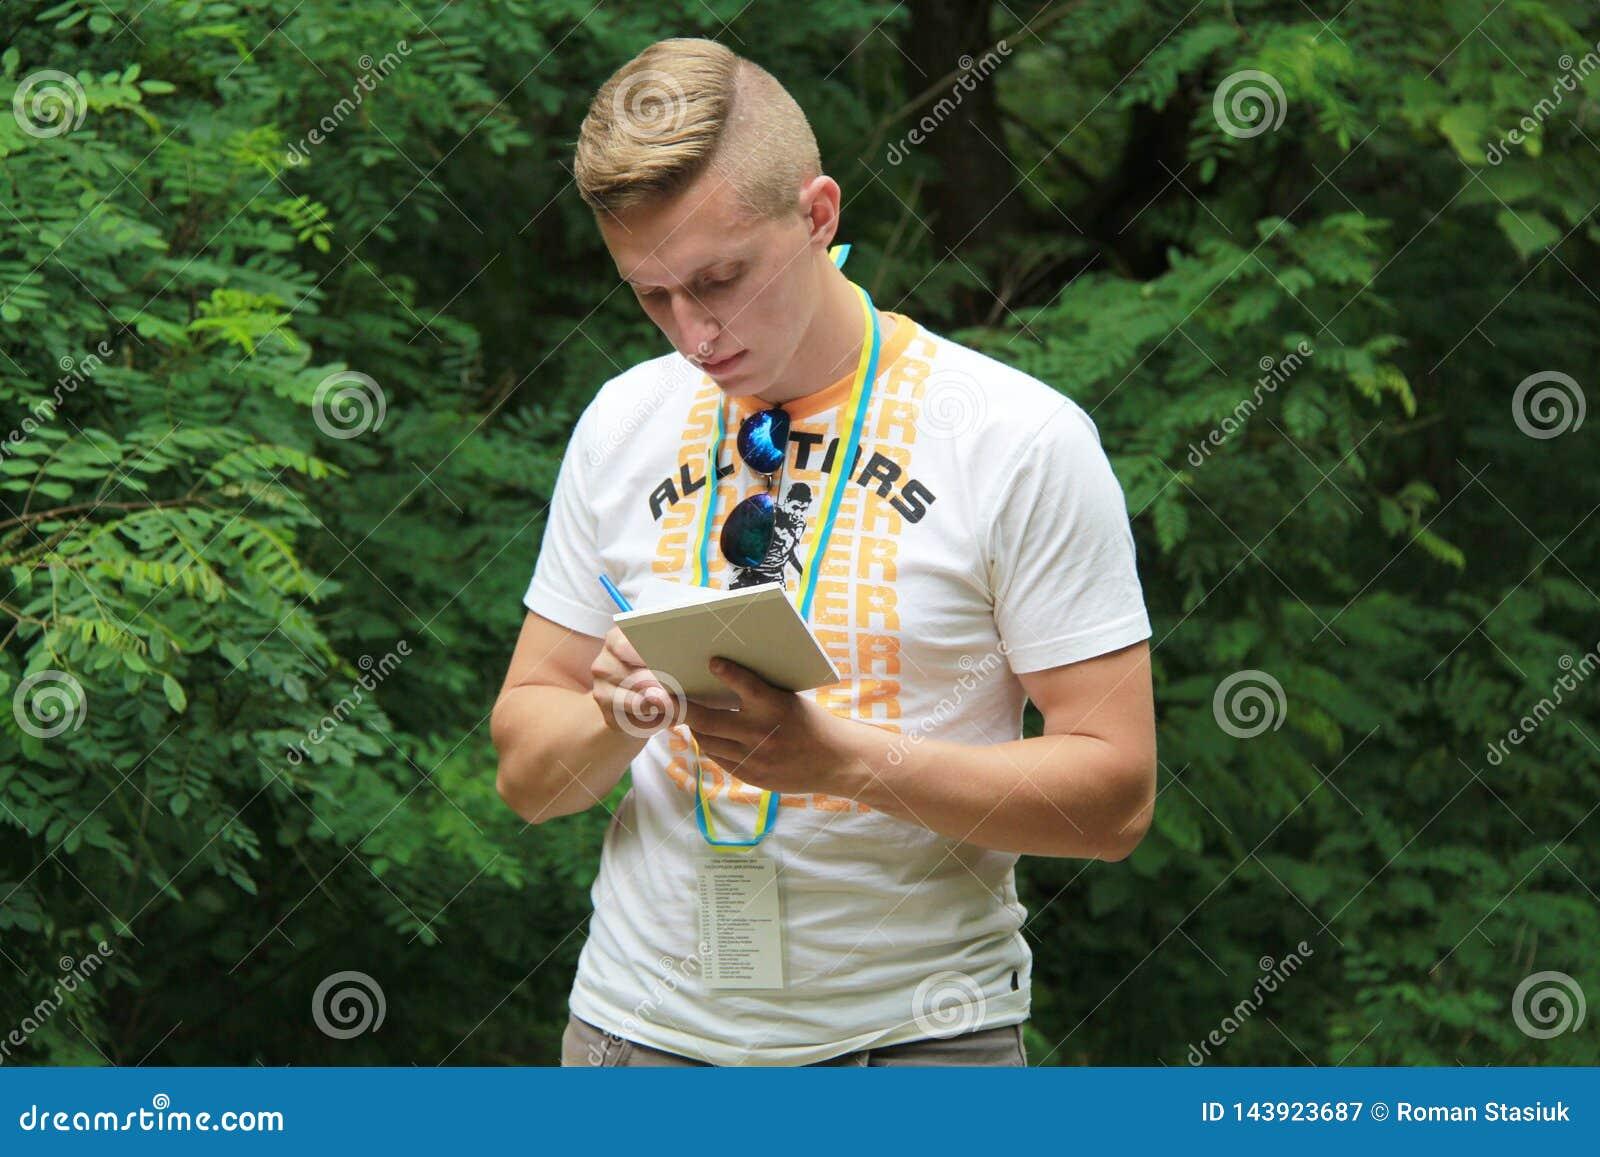 Brusilov, Ukraine - 17. Juli 2017: Ein Sportkerl in einem weißen T-Shirt notiert die Ergebnisse der Tests Junger Trainer